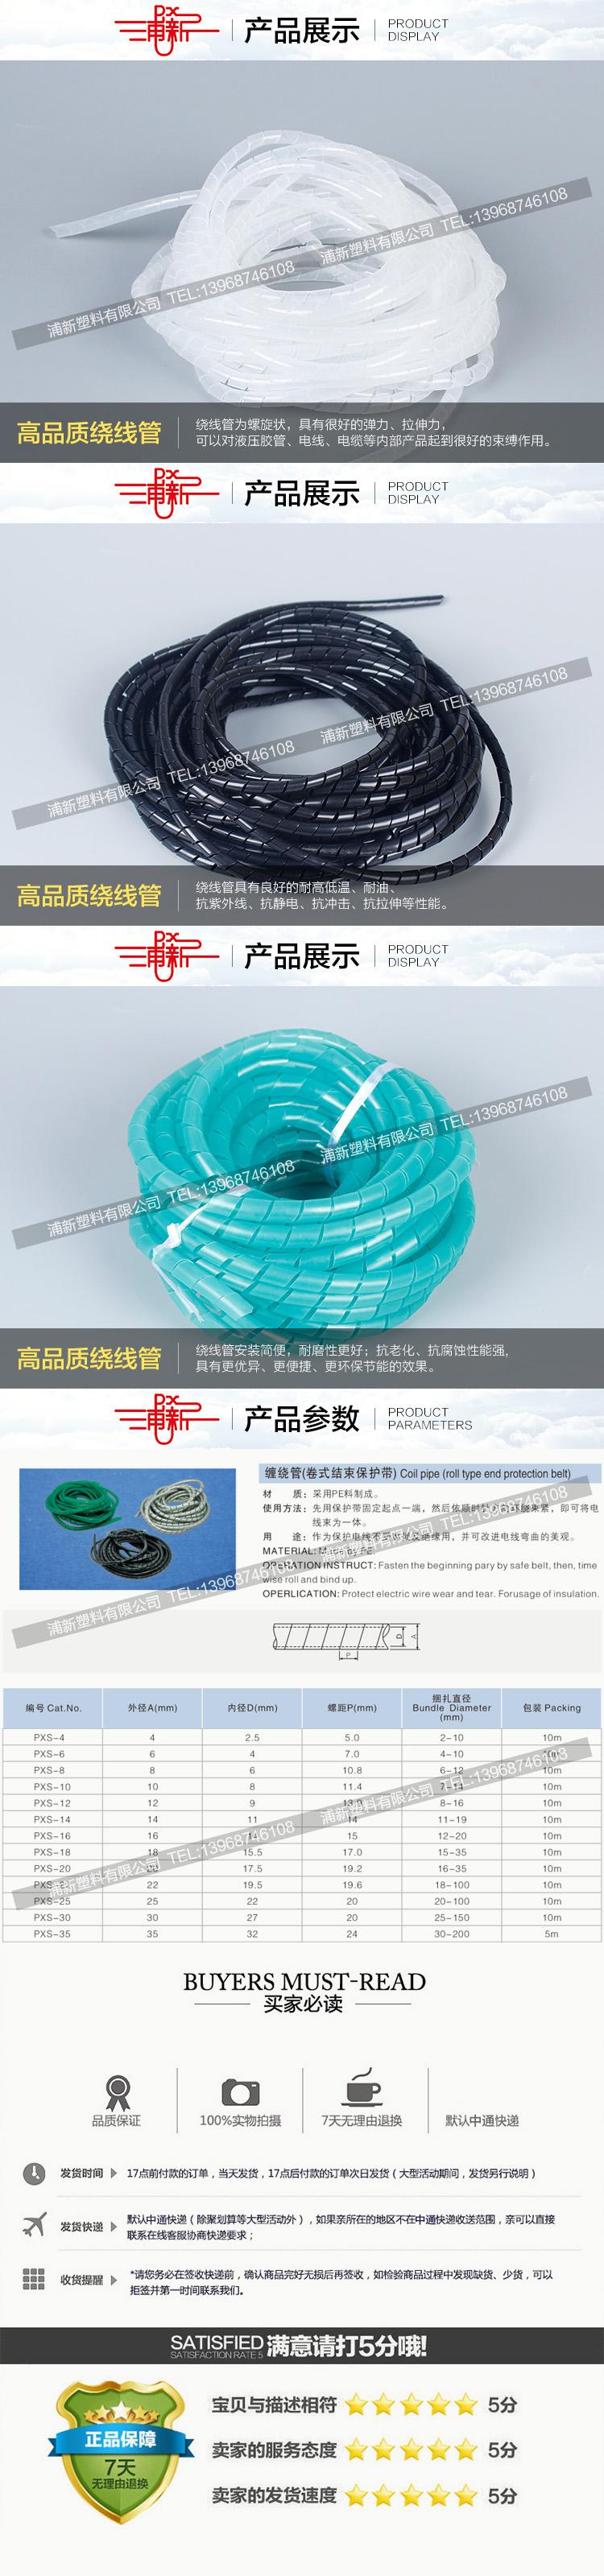 高品质绕线管.jpg